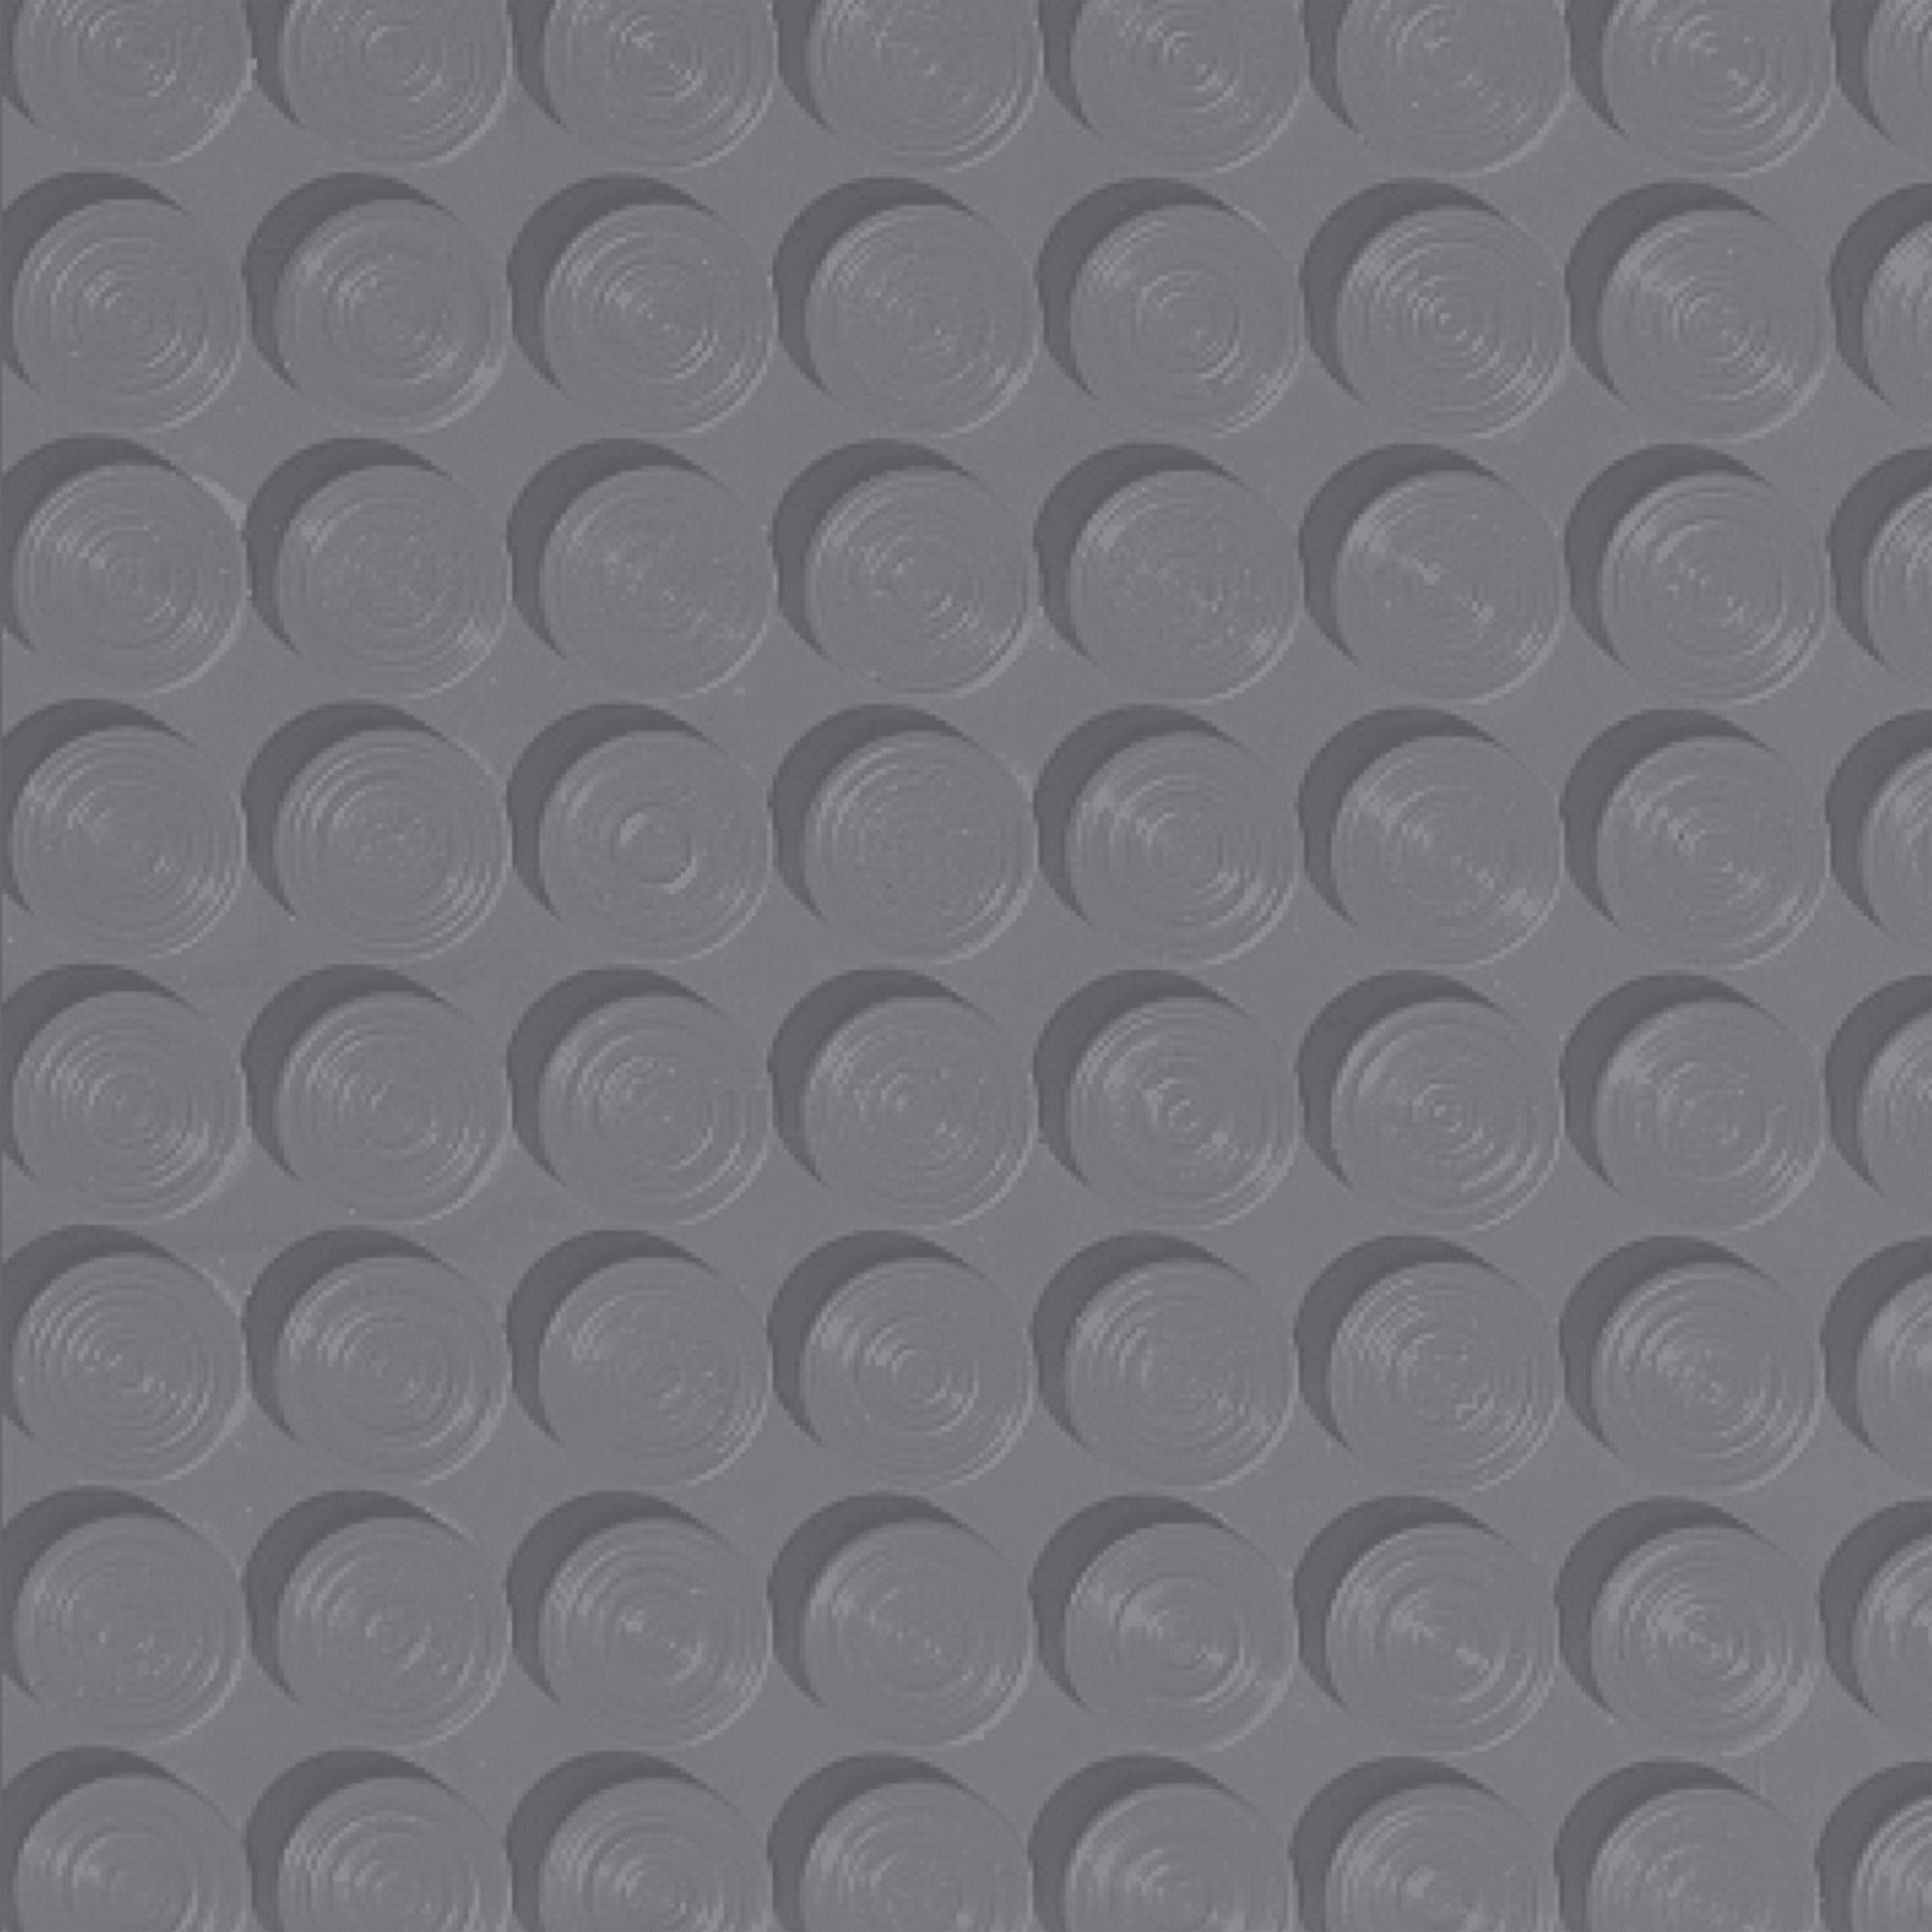 Roppe Rubber Tile 900 - Lug Back Vantage Design (LB996) Steel Gray Rubber Flooring